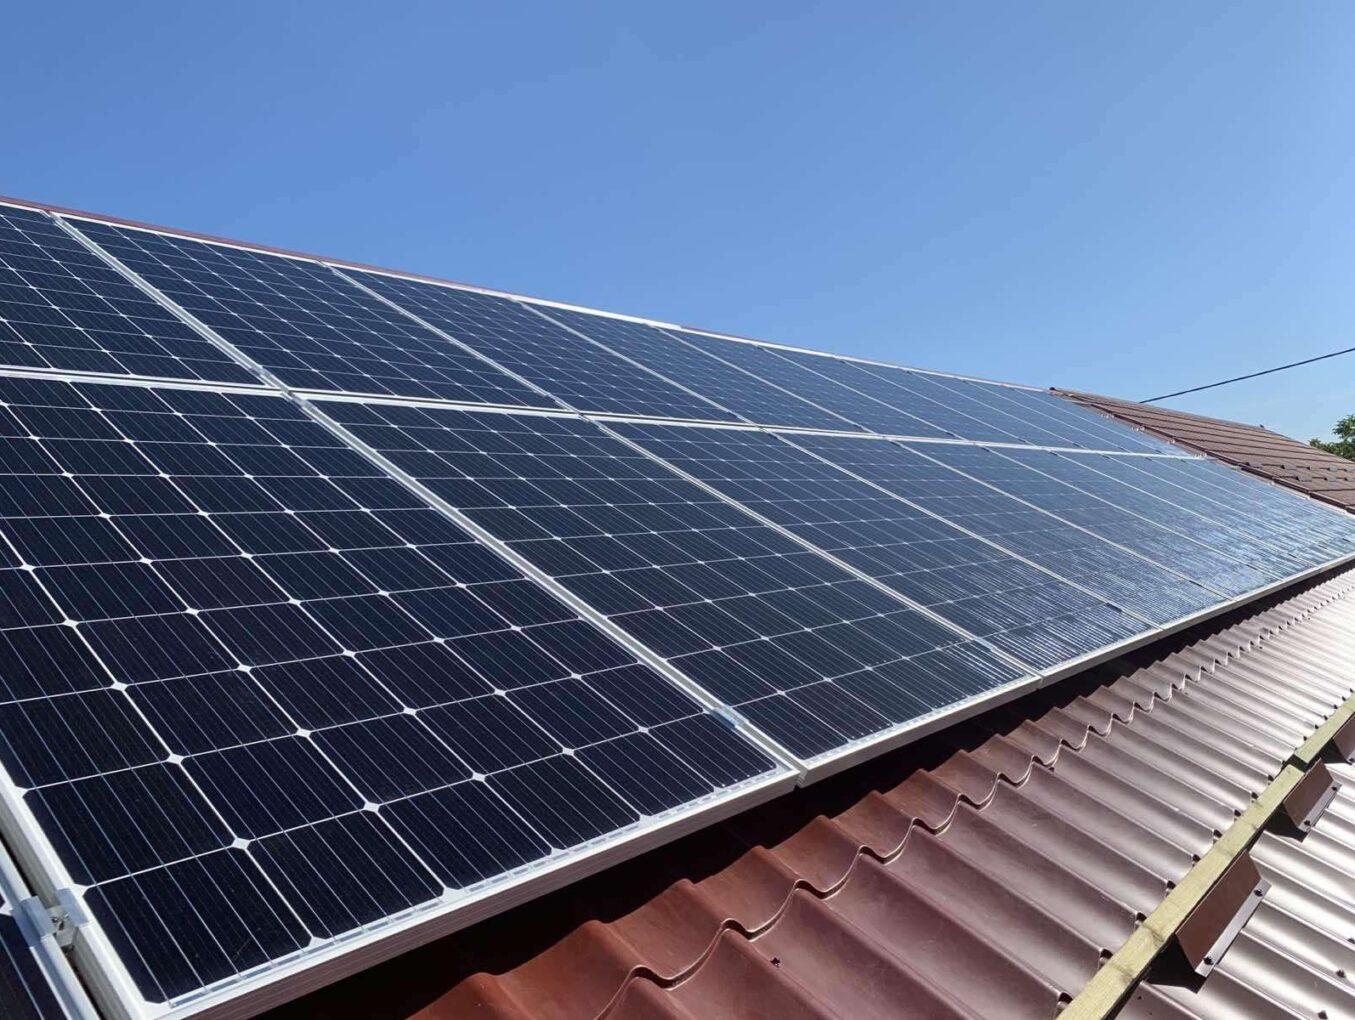 JAVNI POZIV - Sufinanciranje korištenja obnovljivih izvora energije za proizvodnju električne energije u kućanstvima za vlastitu proizvodnju